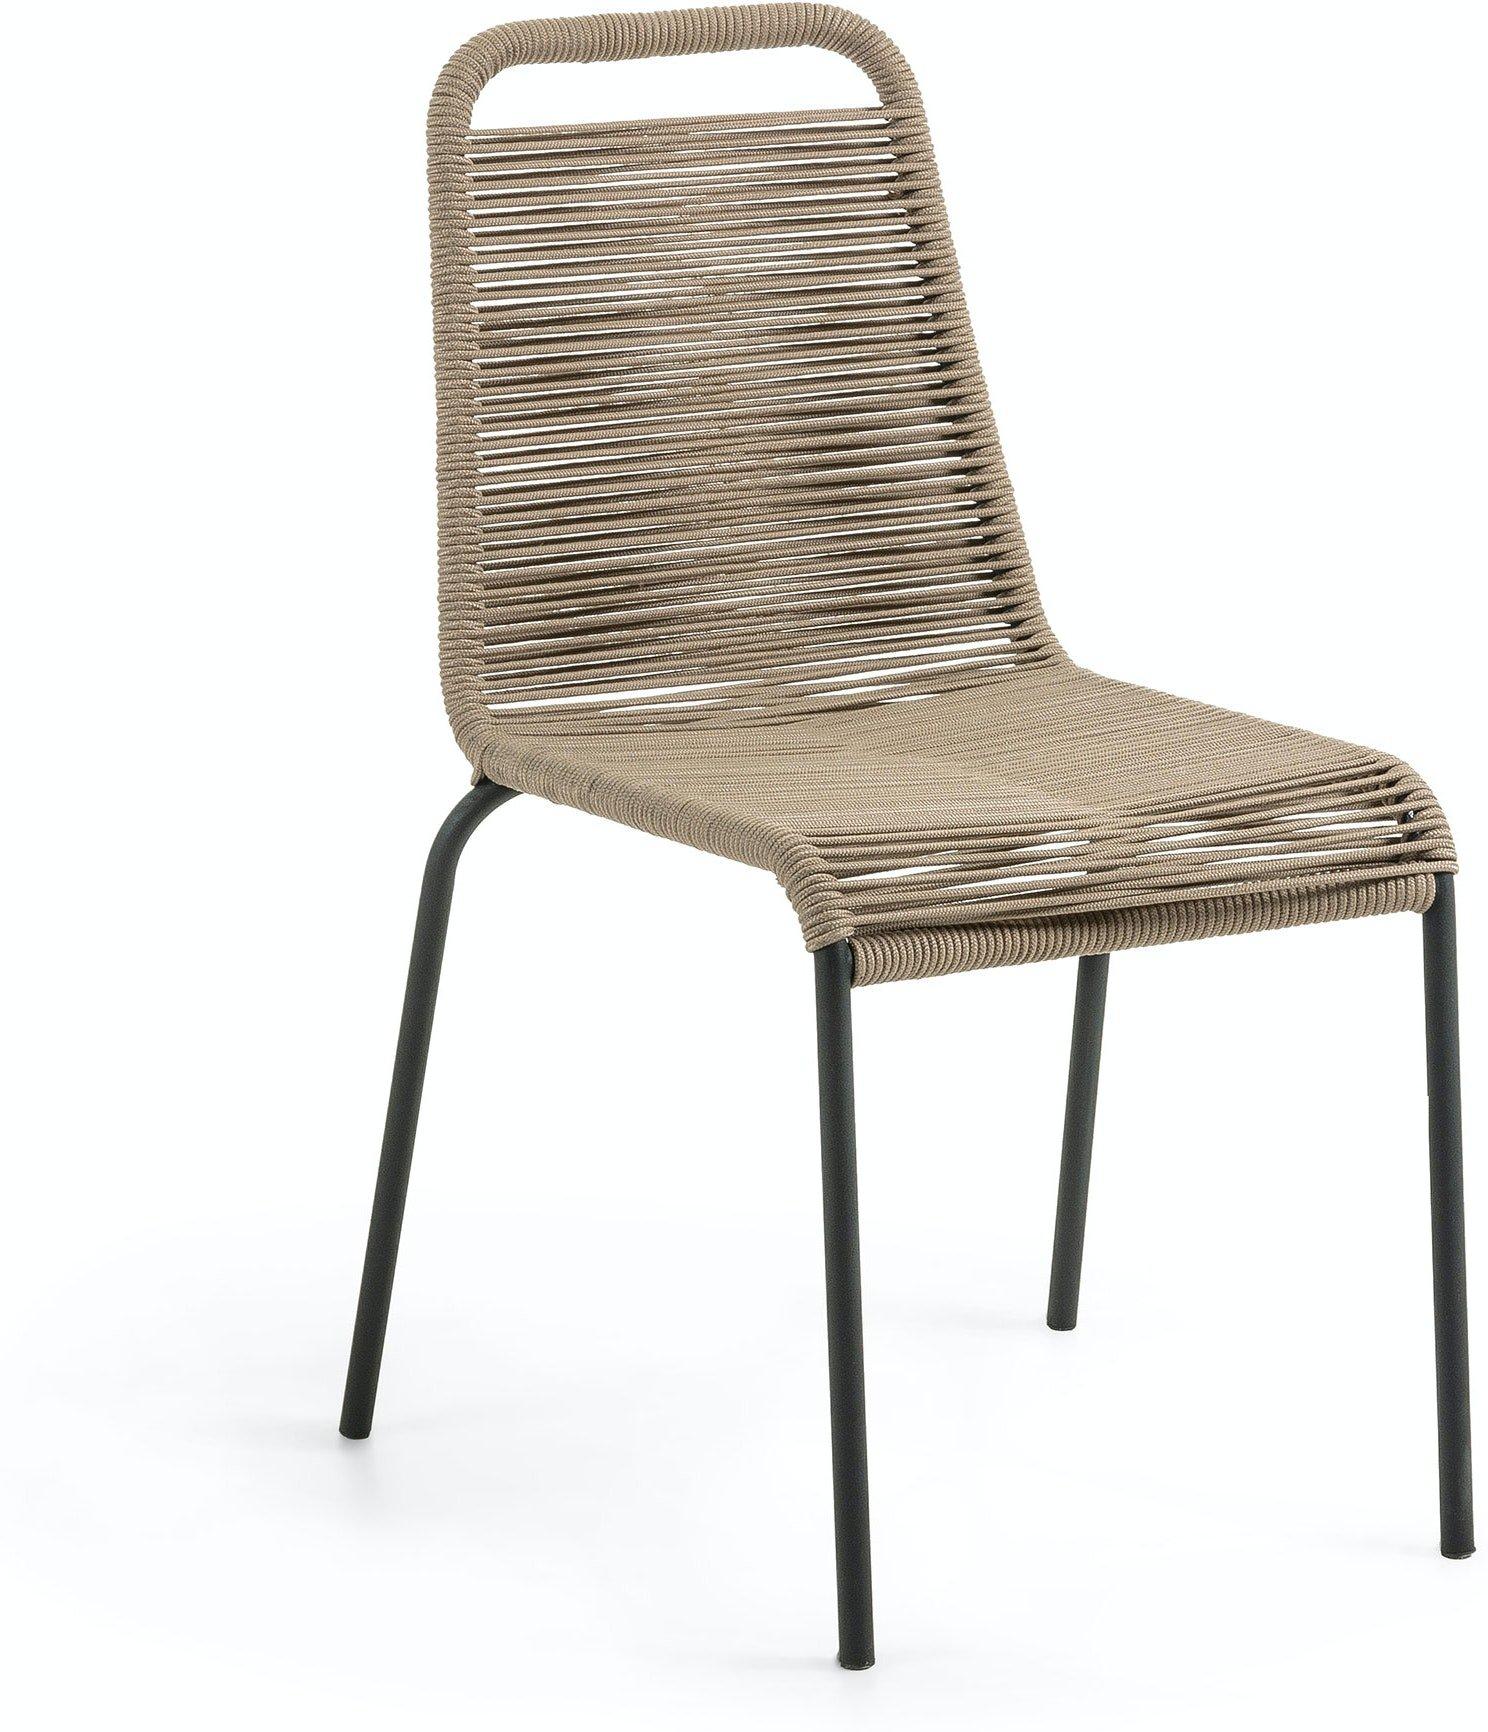 Lambton, Udendørs spisebordsstol by LaForma (H: 84 cm. B: 49 cm. L: 59 cm., Brun/Sort)